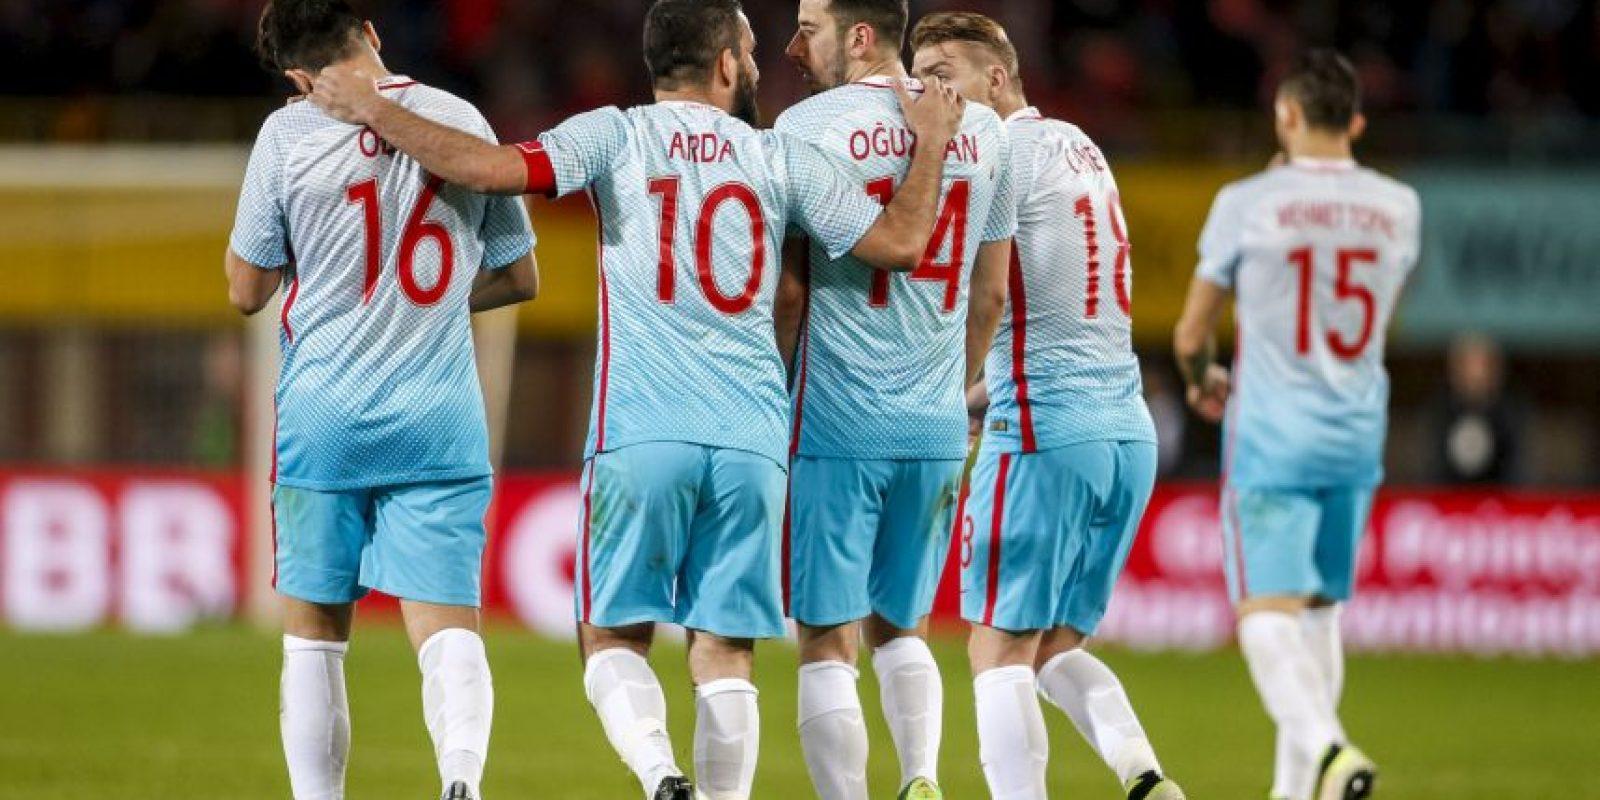 Las selecciones más valiosas de la Euro 2016: 10. Turquía – 182.5 millones de euros Foto:Getty Images